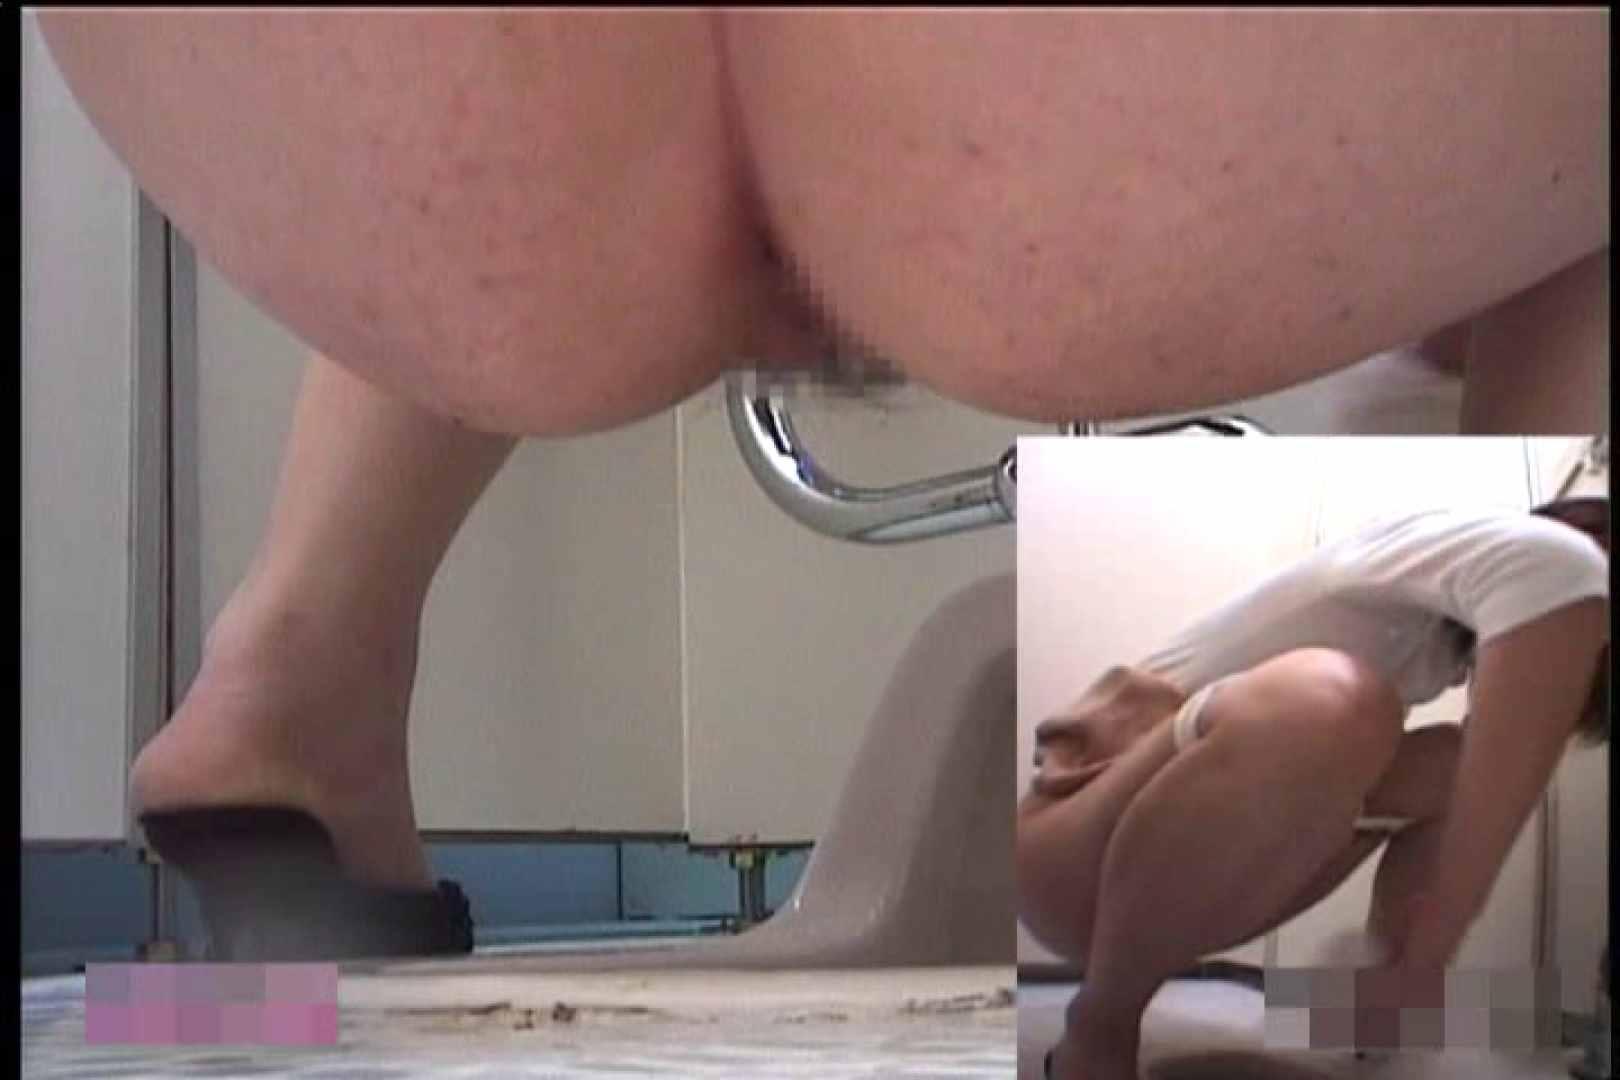 女性達の個室内心理学入門編Vol.4 マンコ・ムレムレ   美しいOLの裸体  74pic 13